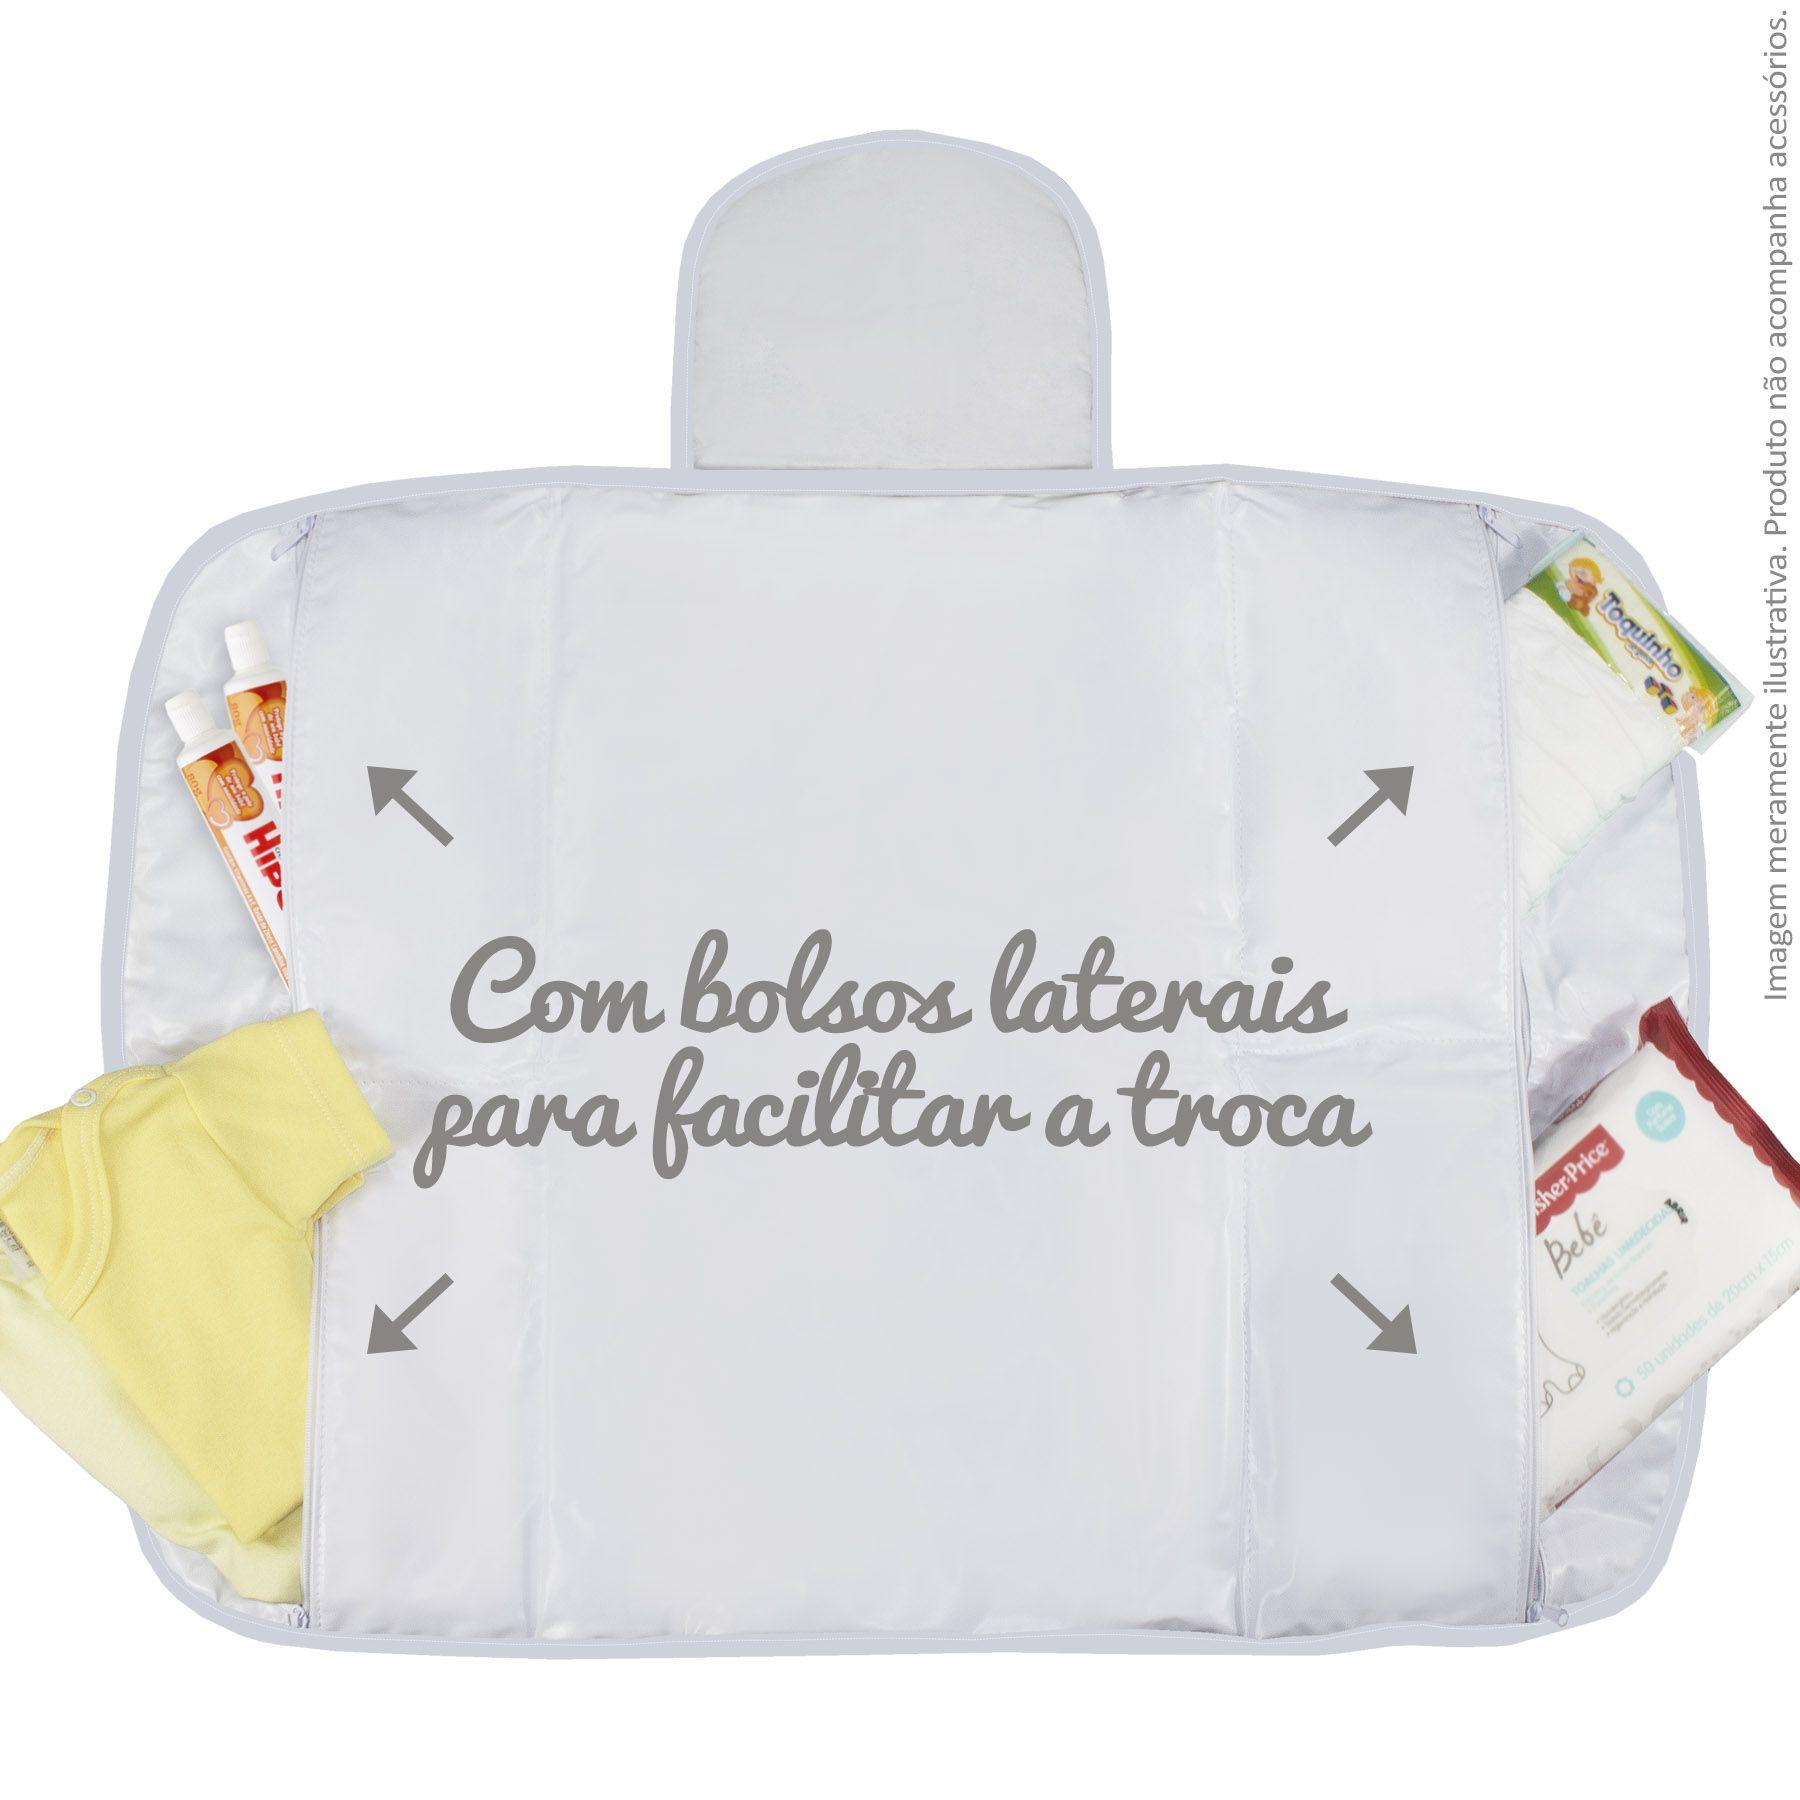 Trocador Portátil c/ Bolsos - Piquet Branco